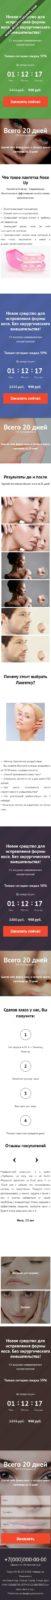 Скриншот лендинга Nose Up лангетка - средство для исправления носа 001 - моб